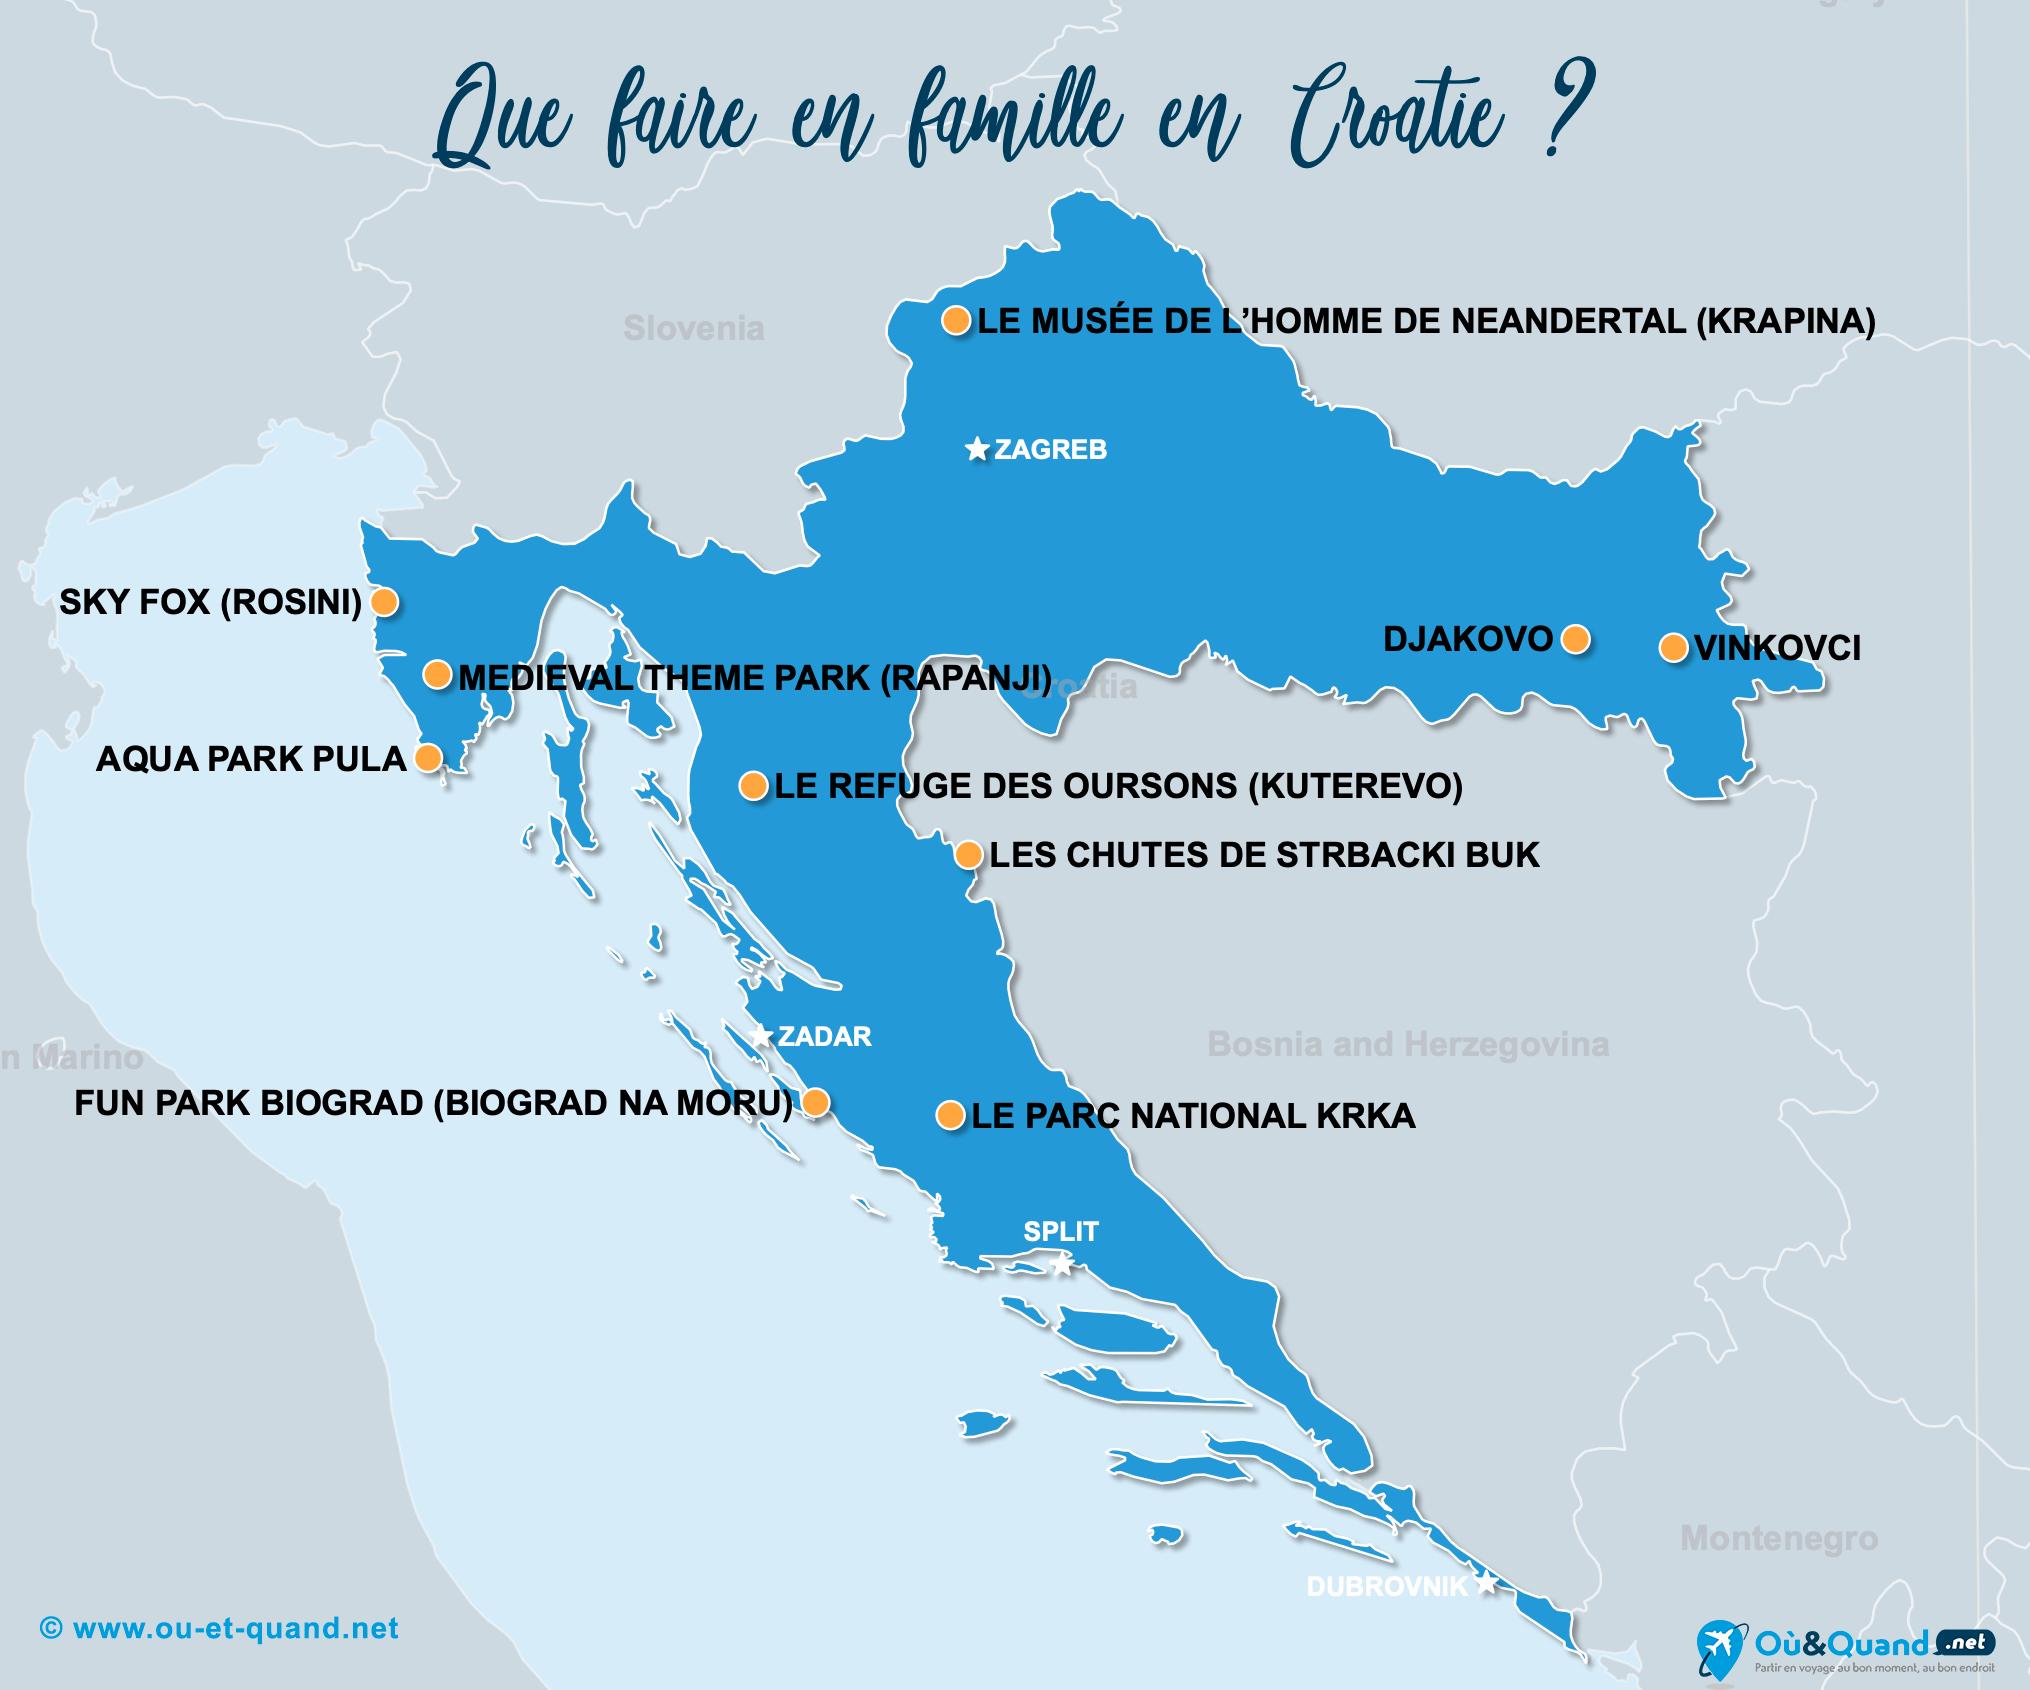 Carte Croatie : La Croatie en famille